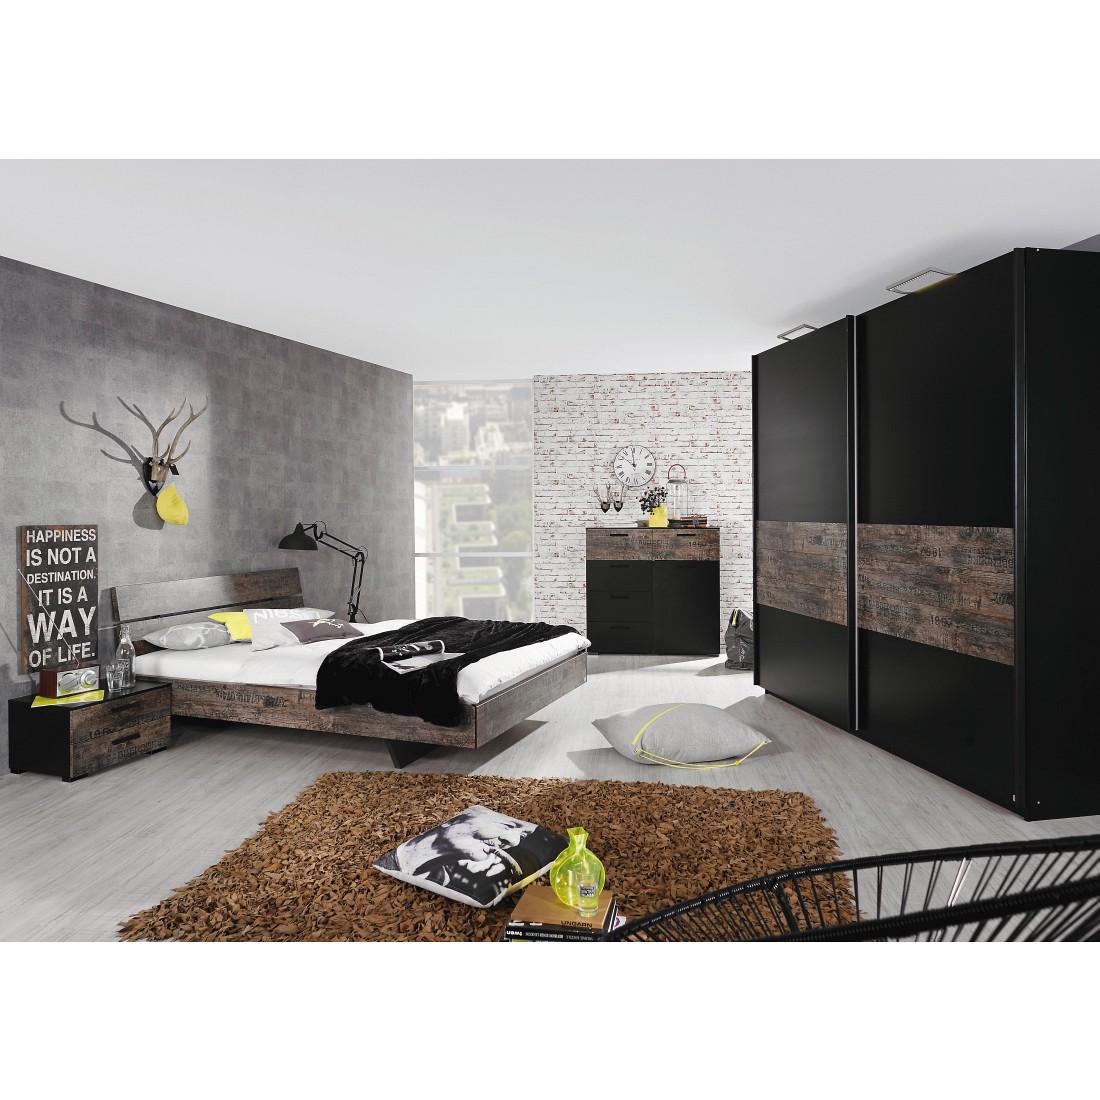 Ensemble complet Vintage Factory - Noir / Marron vintage - Surface de couchage du lit : 140 x 200 cm